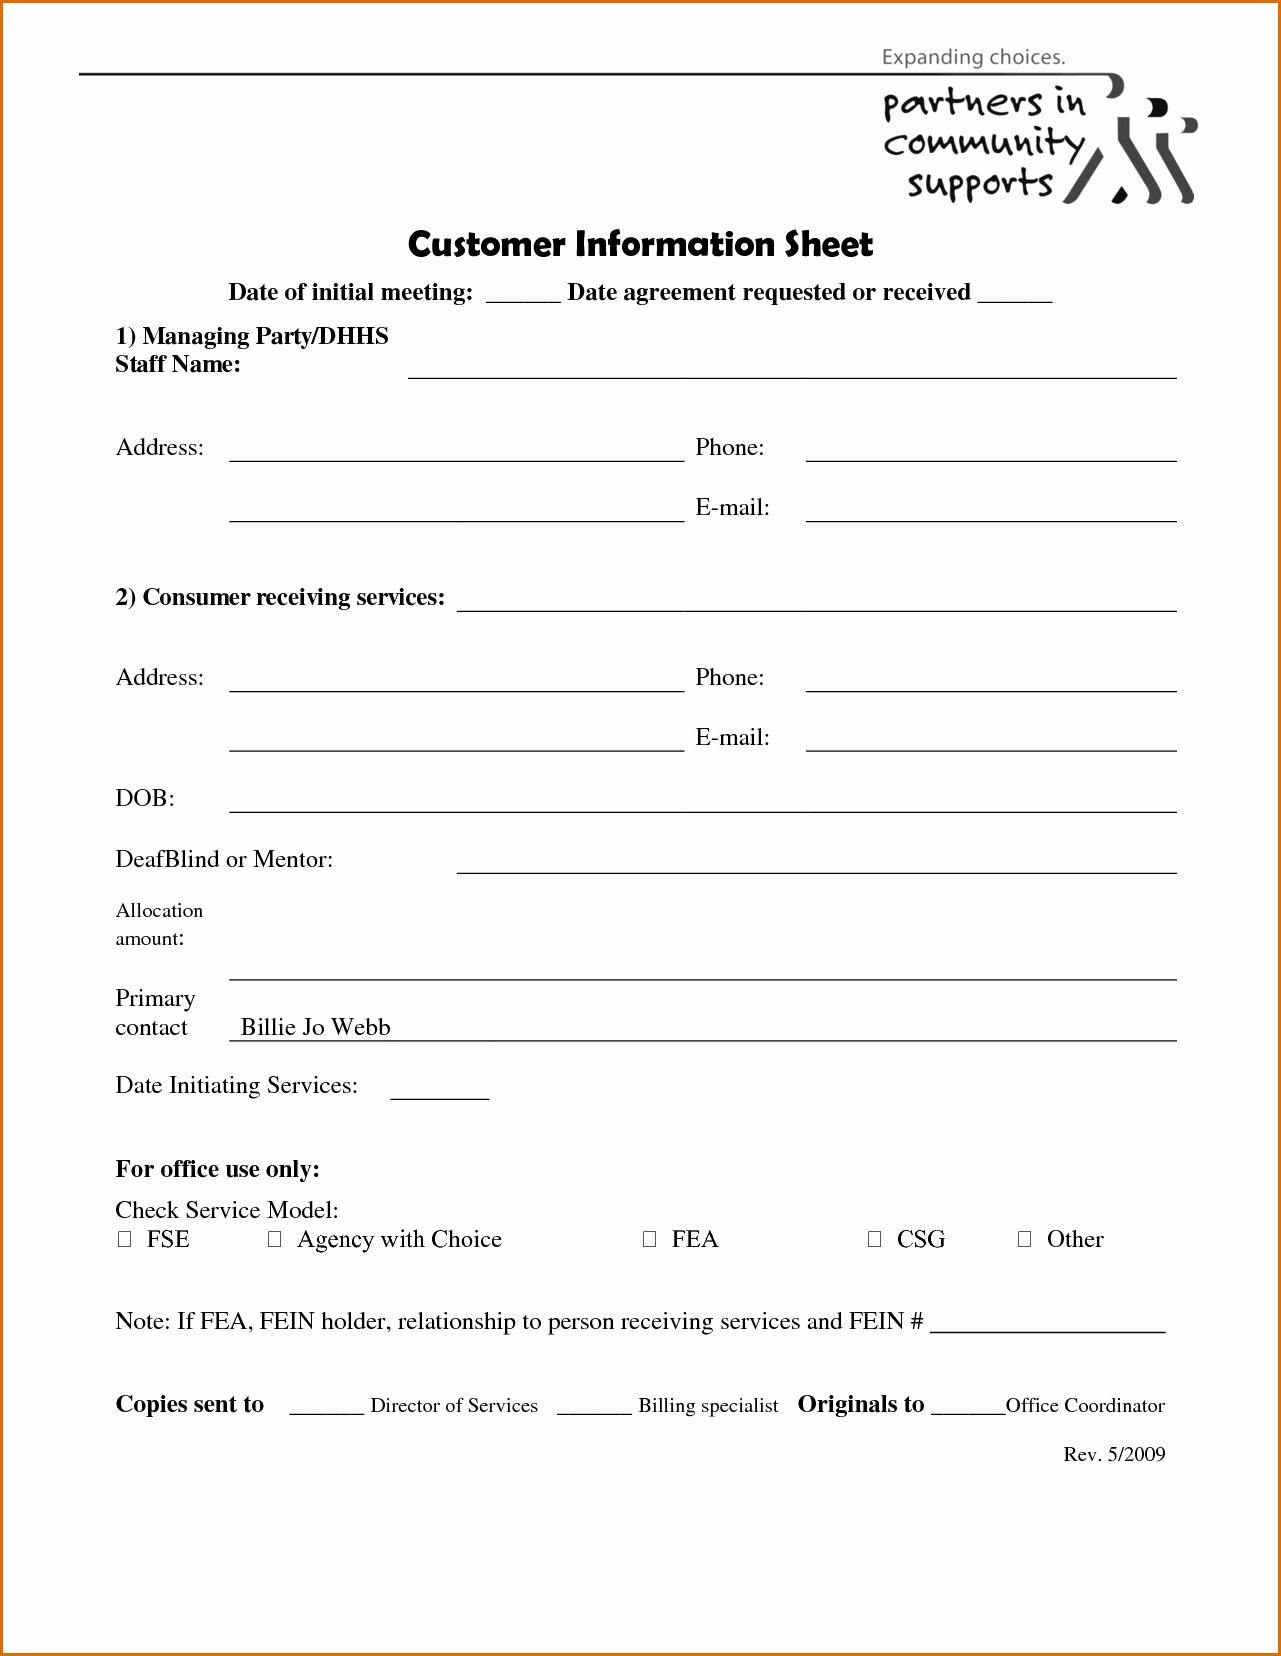 Customer Information Sheet Template Beautiful 5 Client Information Sheet